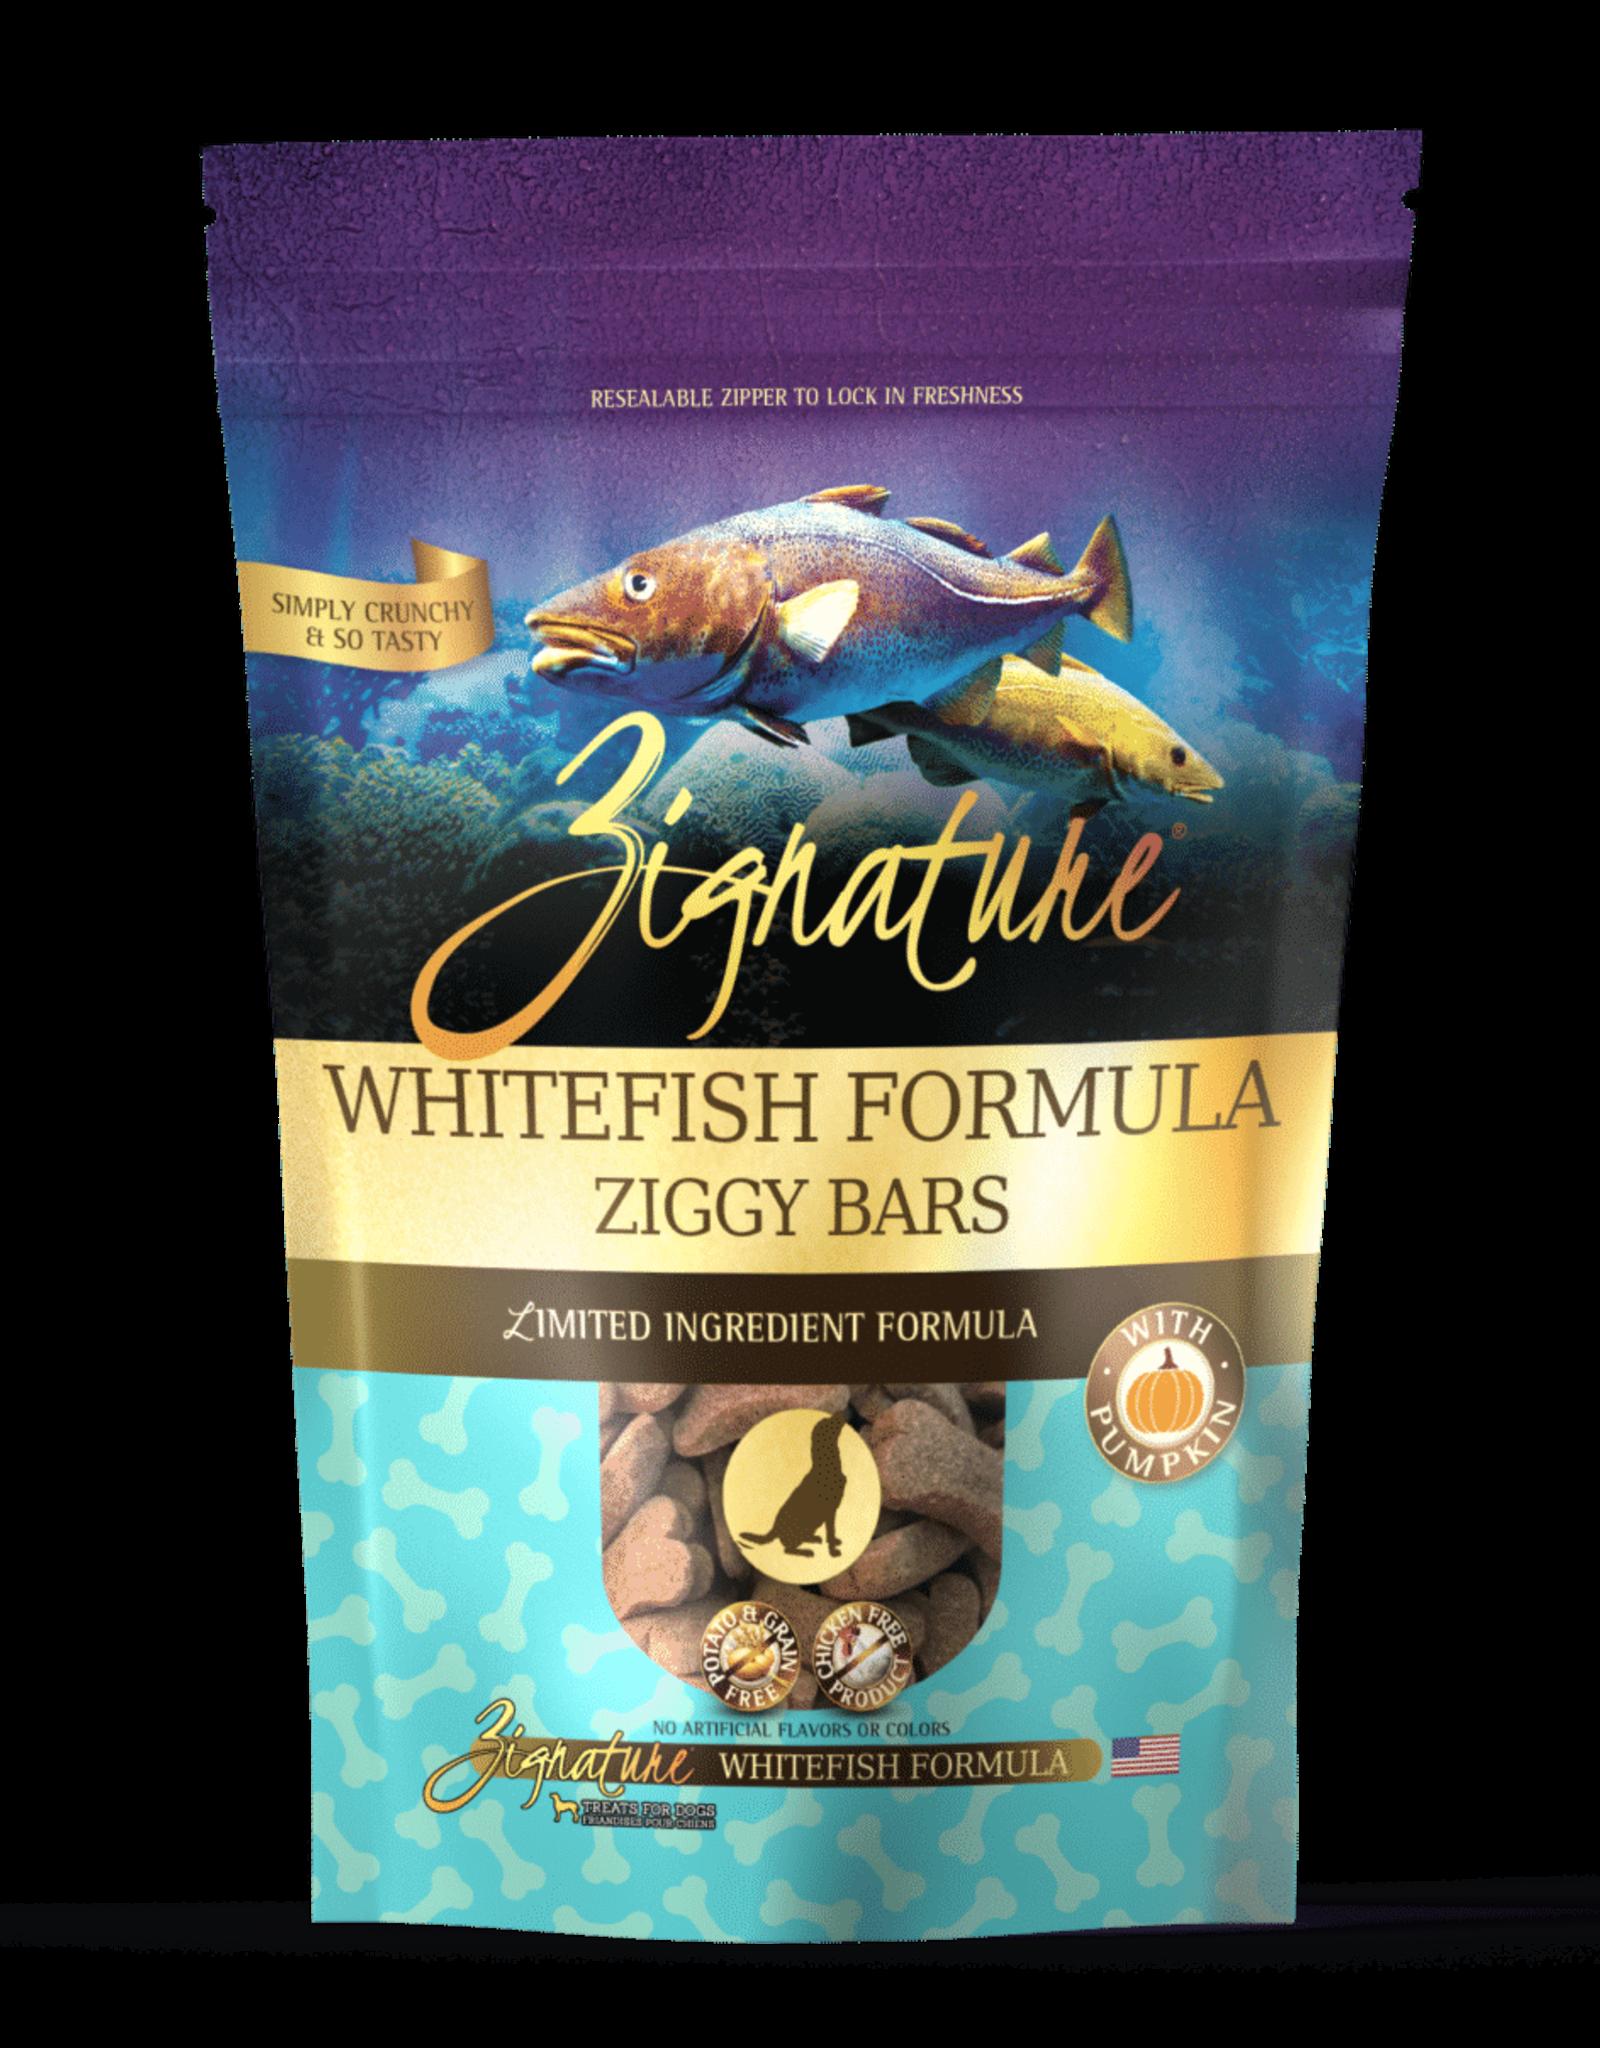 Zignature Ziggy Bar Whitefish Formula - 12oz